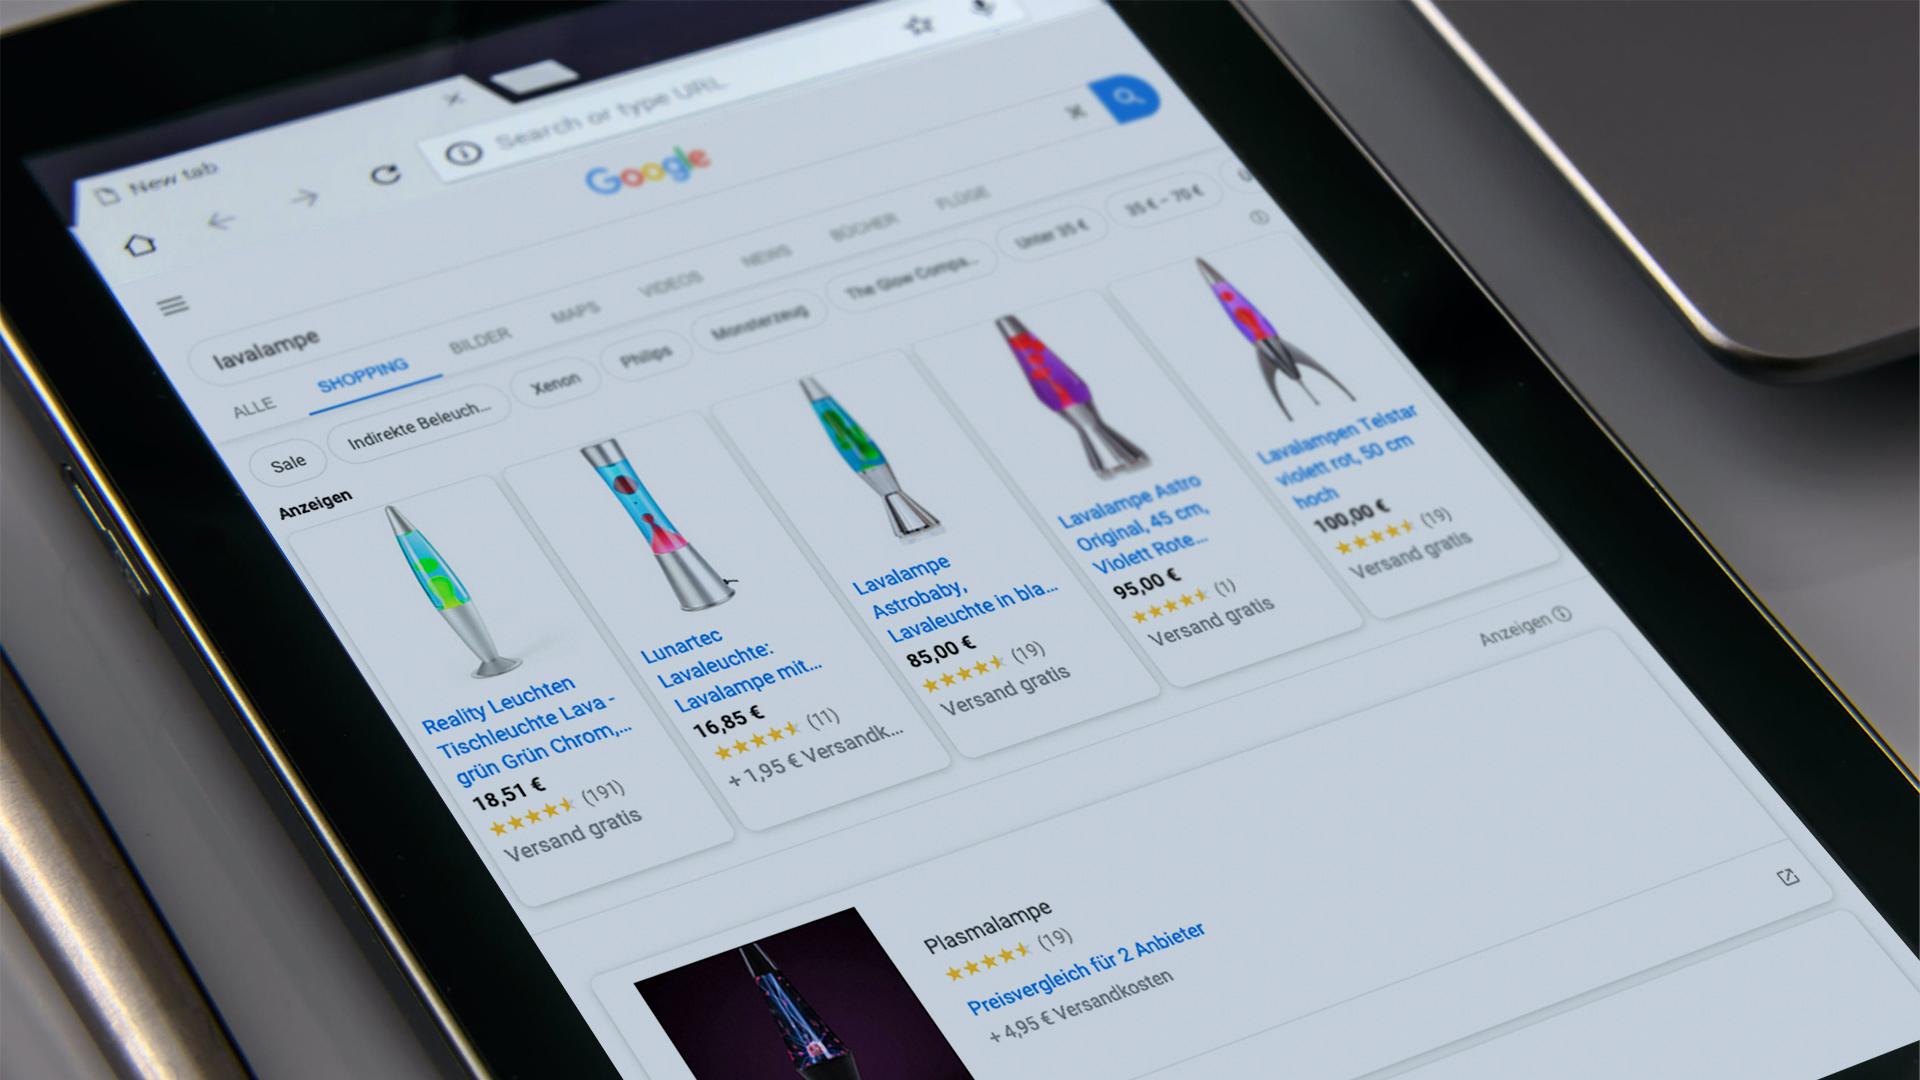 Google Shopping - bald kostenlos Angebote schalten? 3